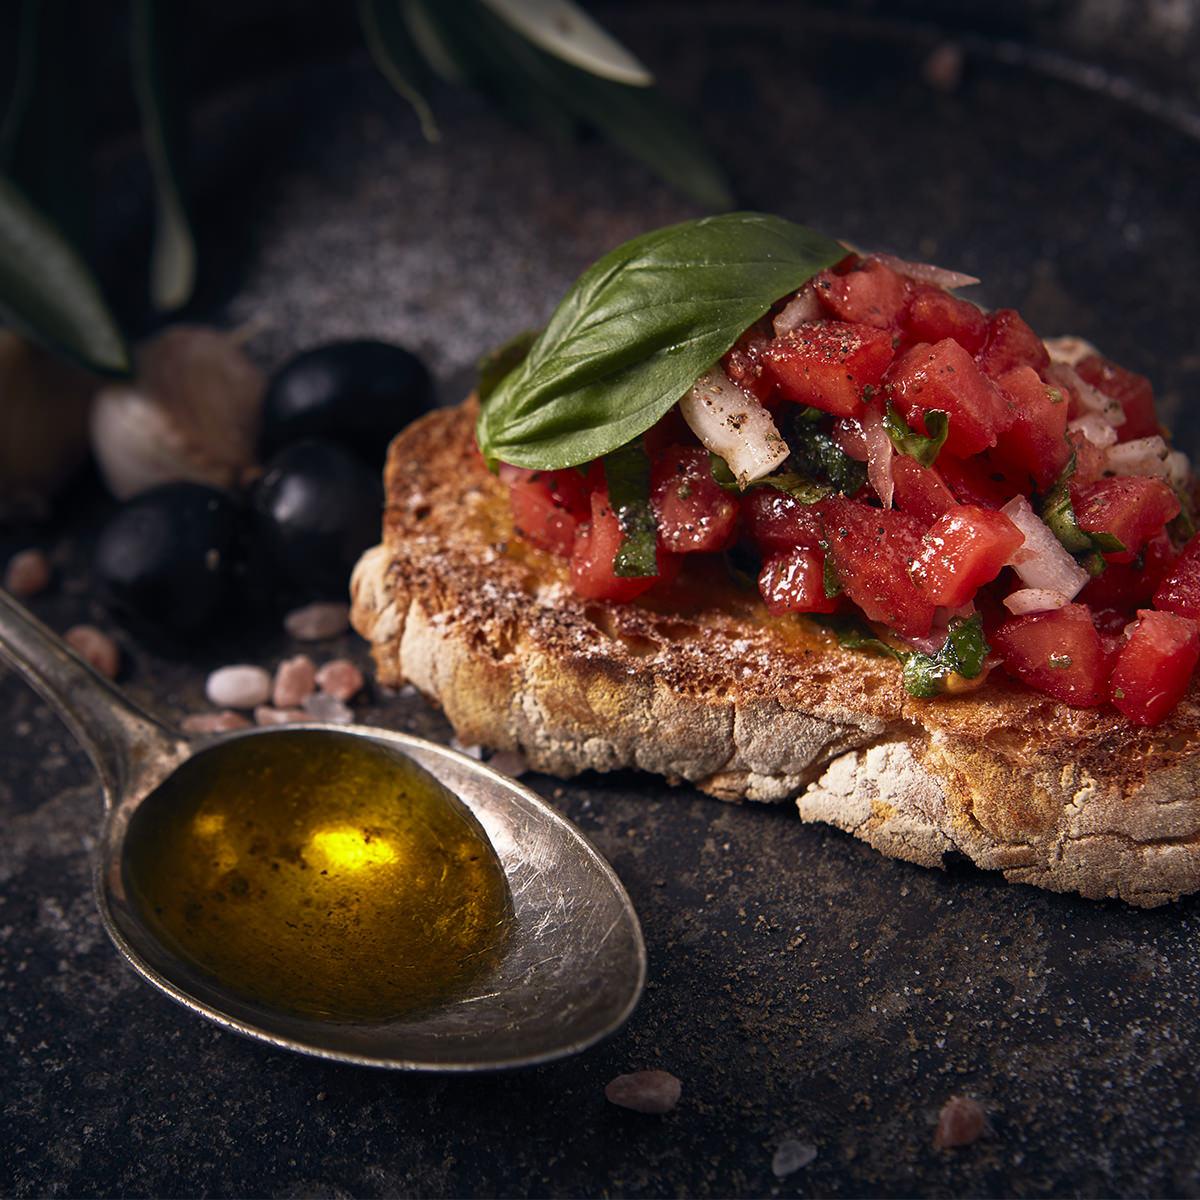 Foot-Fotografie: Bruschetta mit Olivenöl für ein Kochbuch fotografiert.